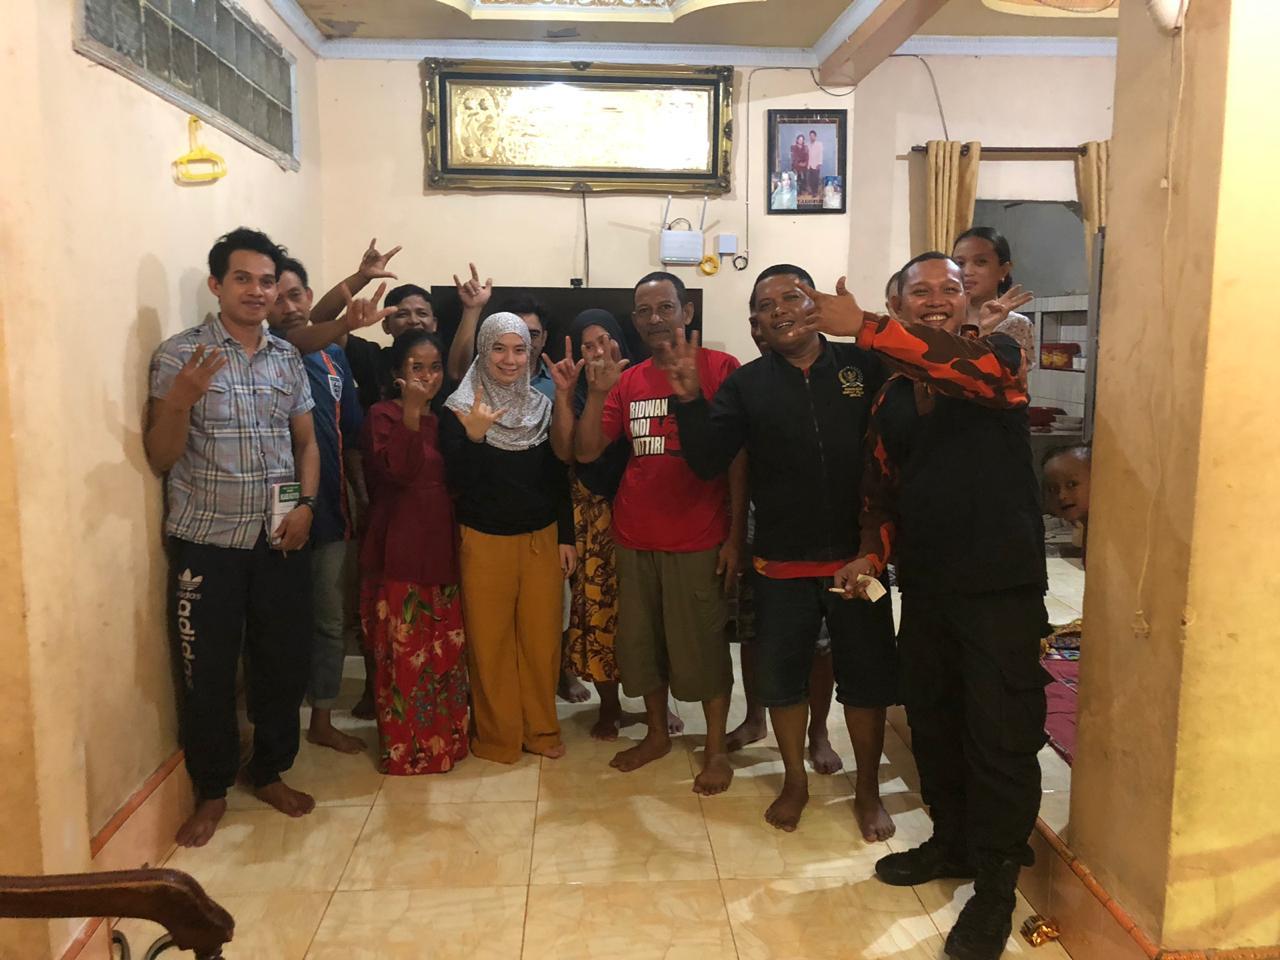 Didukung Komunitas Sop saudara Pangkep, Annisa Makin Percaya Diri Lolos ke DPRD kota Makassar